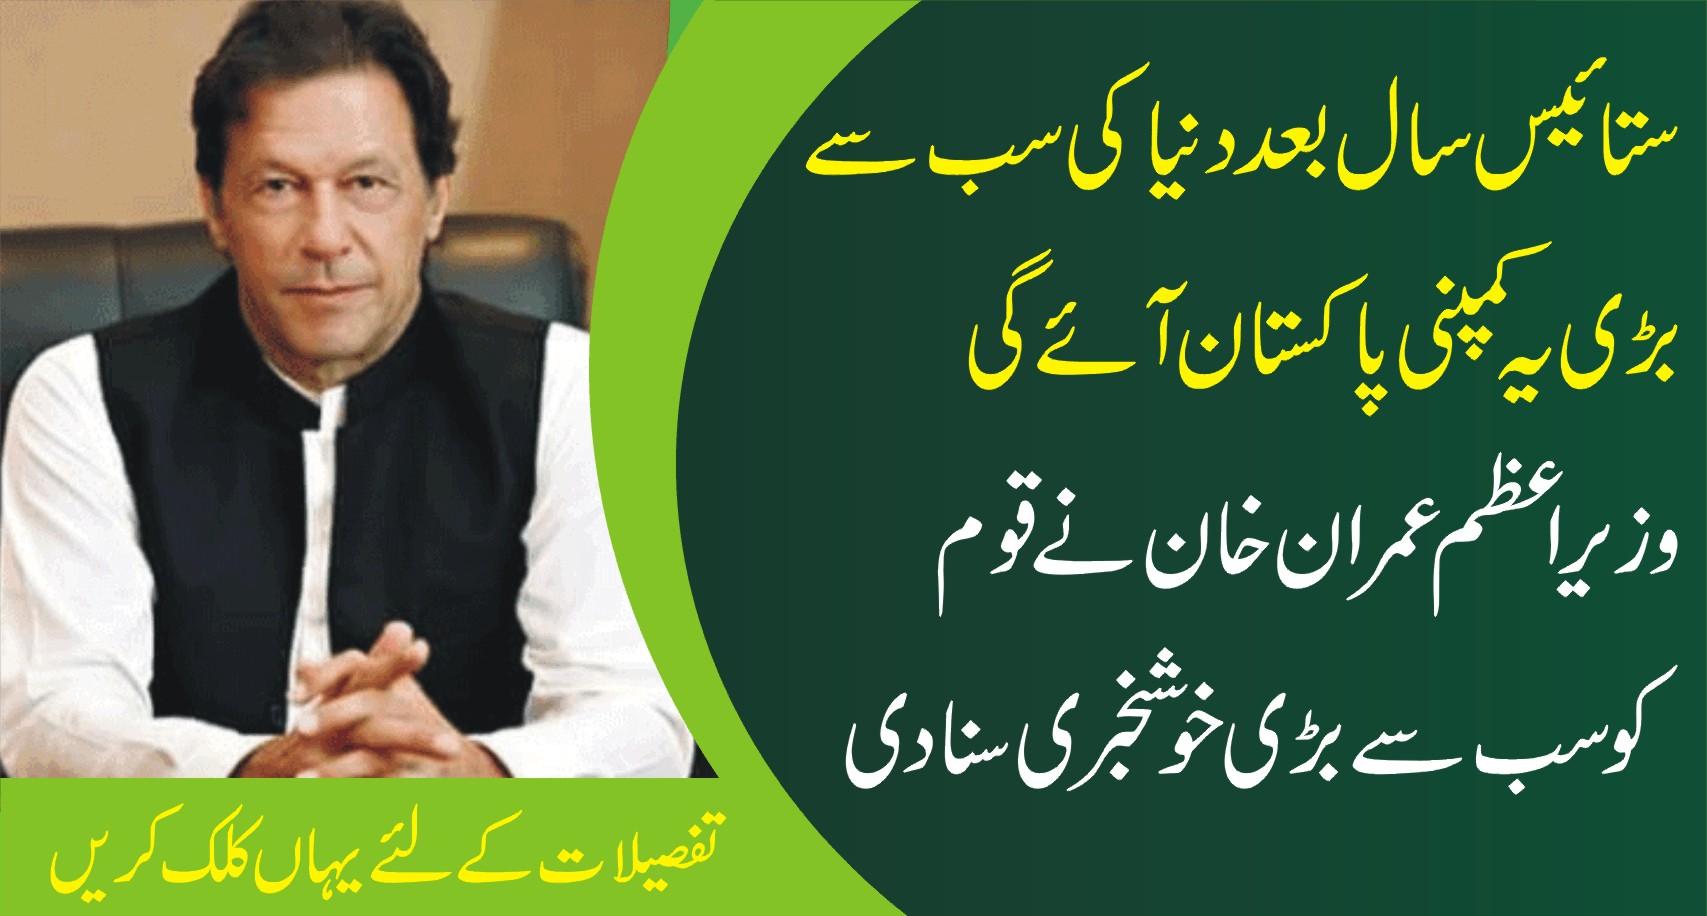 کئی سال بعد  سب سے بڑی یہ  کمپنی پاکستان آئے گی وزیراعظم عمران خان نے قوم کو سب سے بڑی خوشخبری سنا دی ….